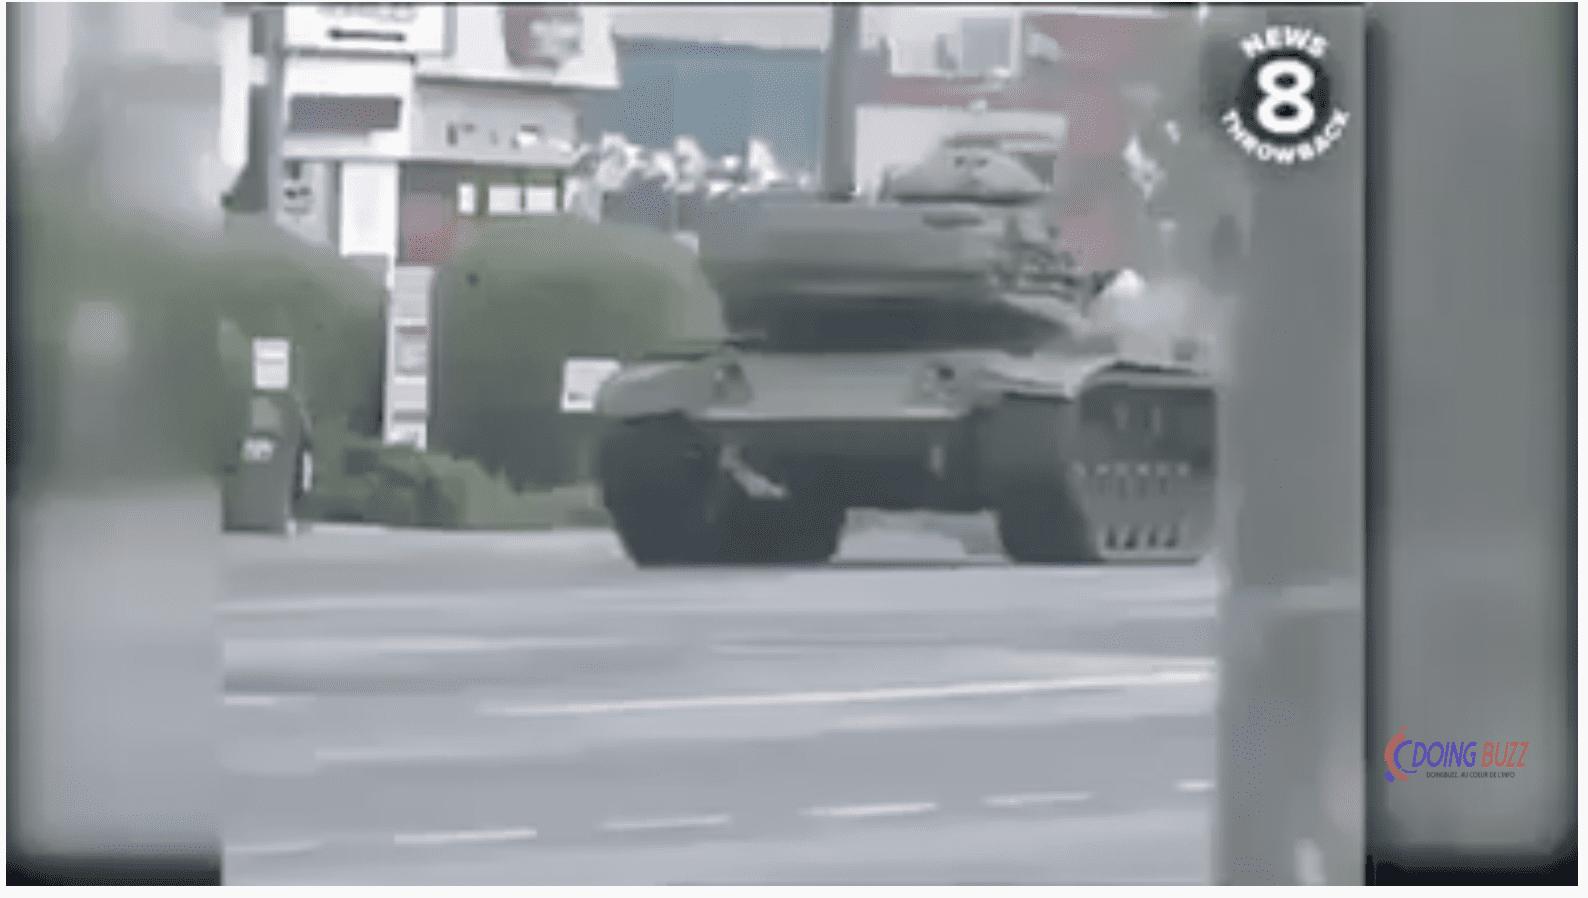 Un citoyen américain a volé un char lors des émeutes et des manifestations violentes USA (Video)